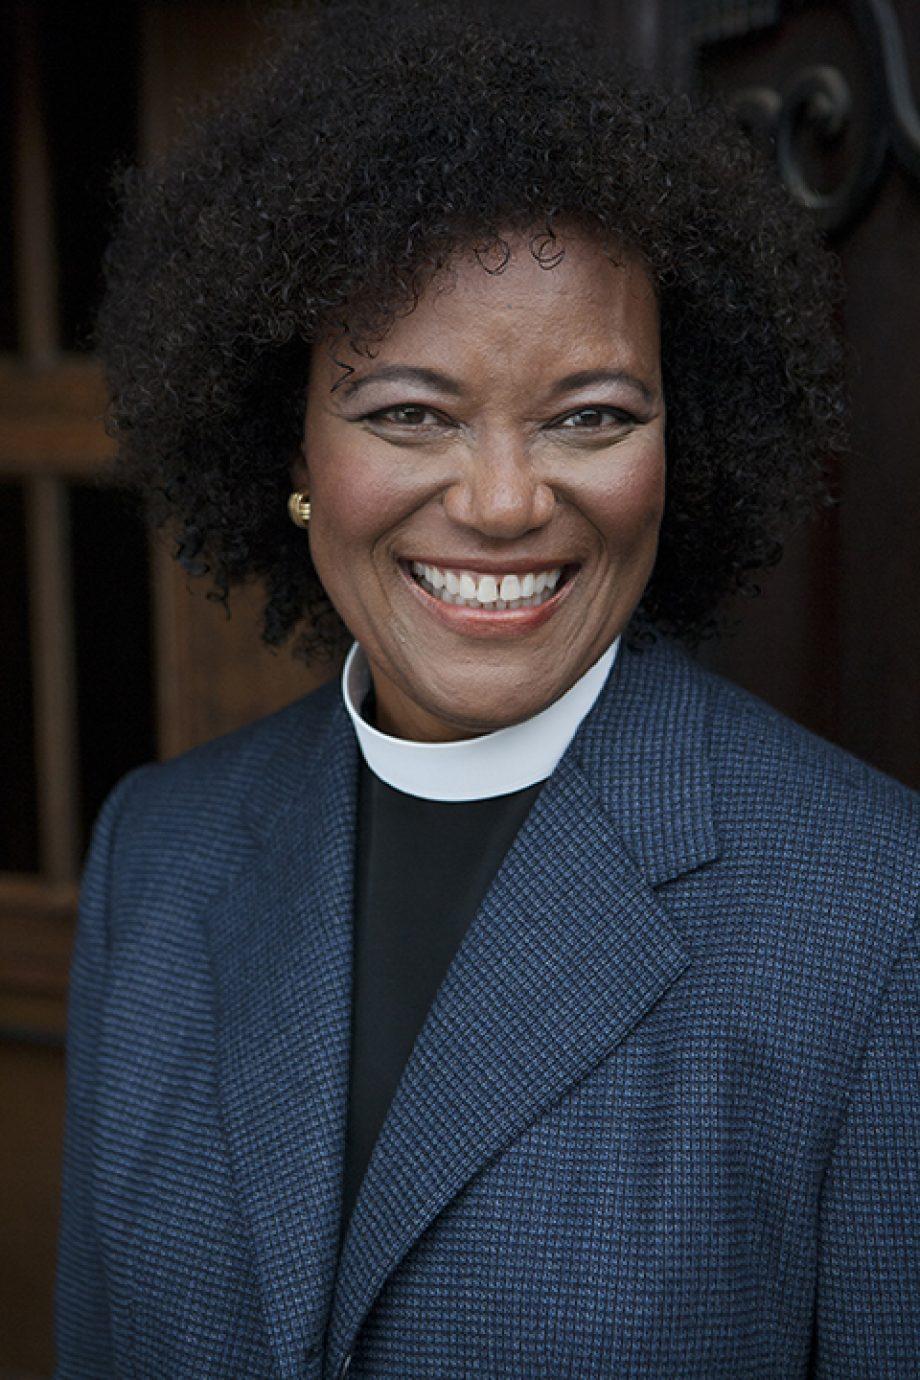 Julie Johnson Staples